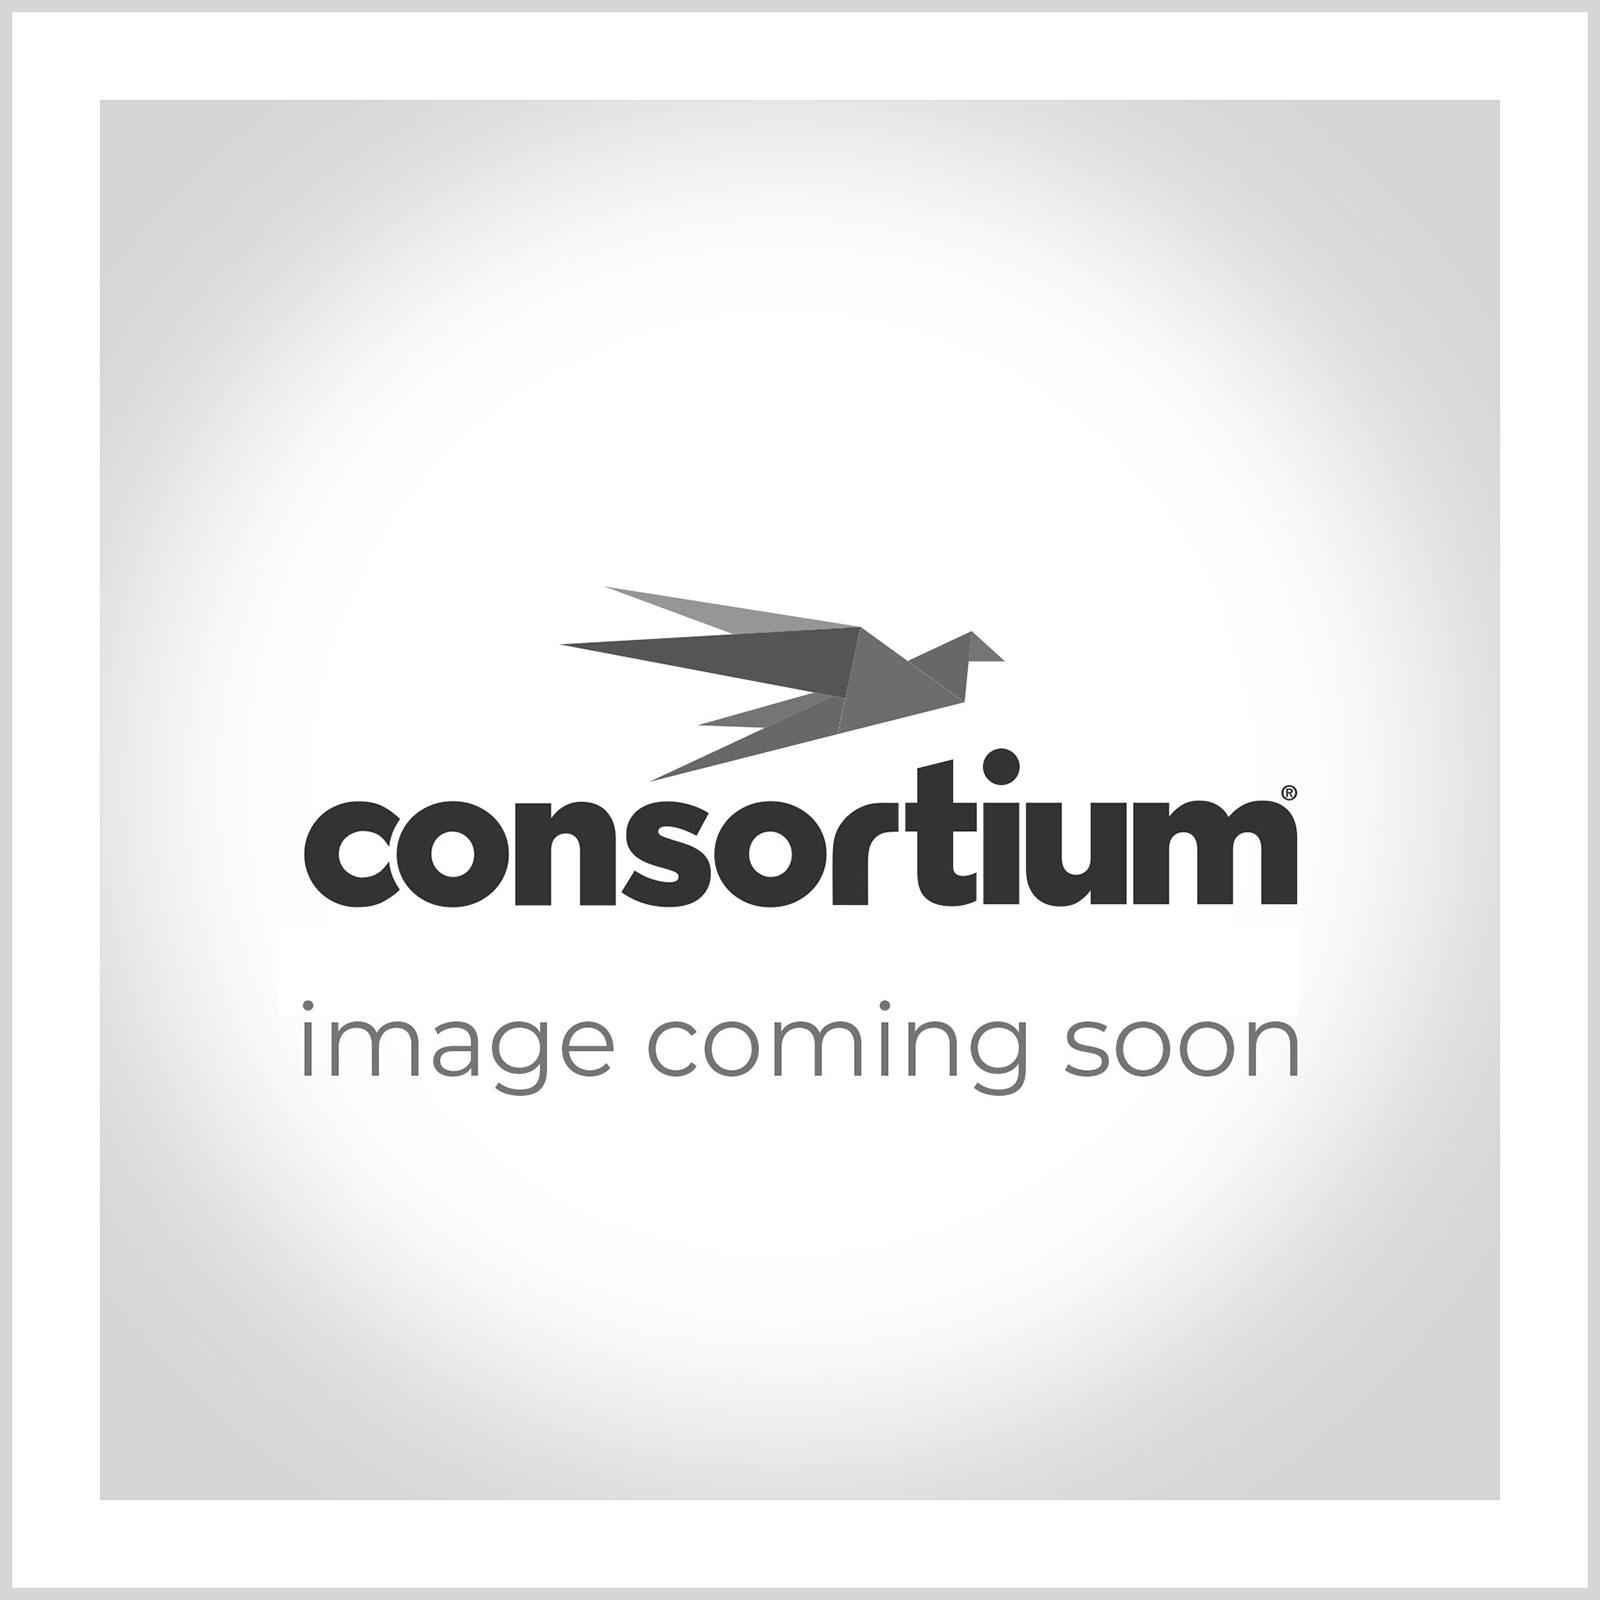 Consortium Superlight Mini Whiteboard Gridded Kit